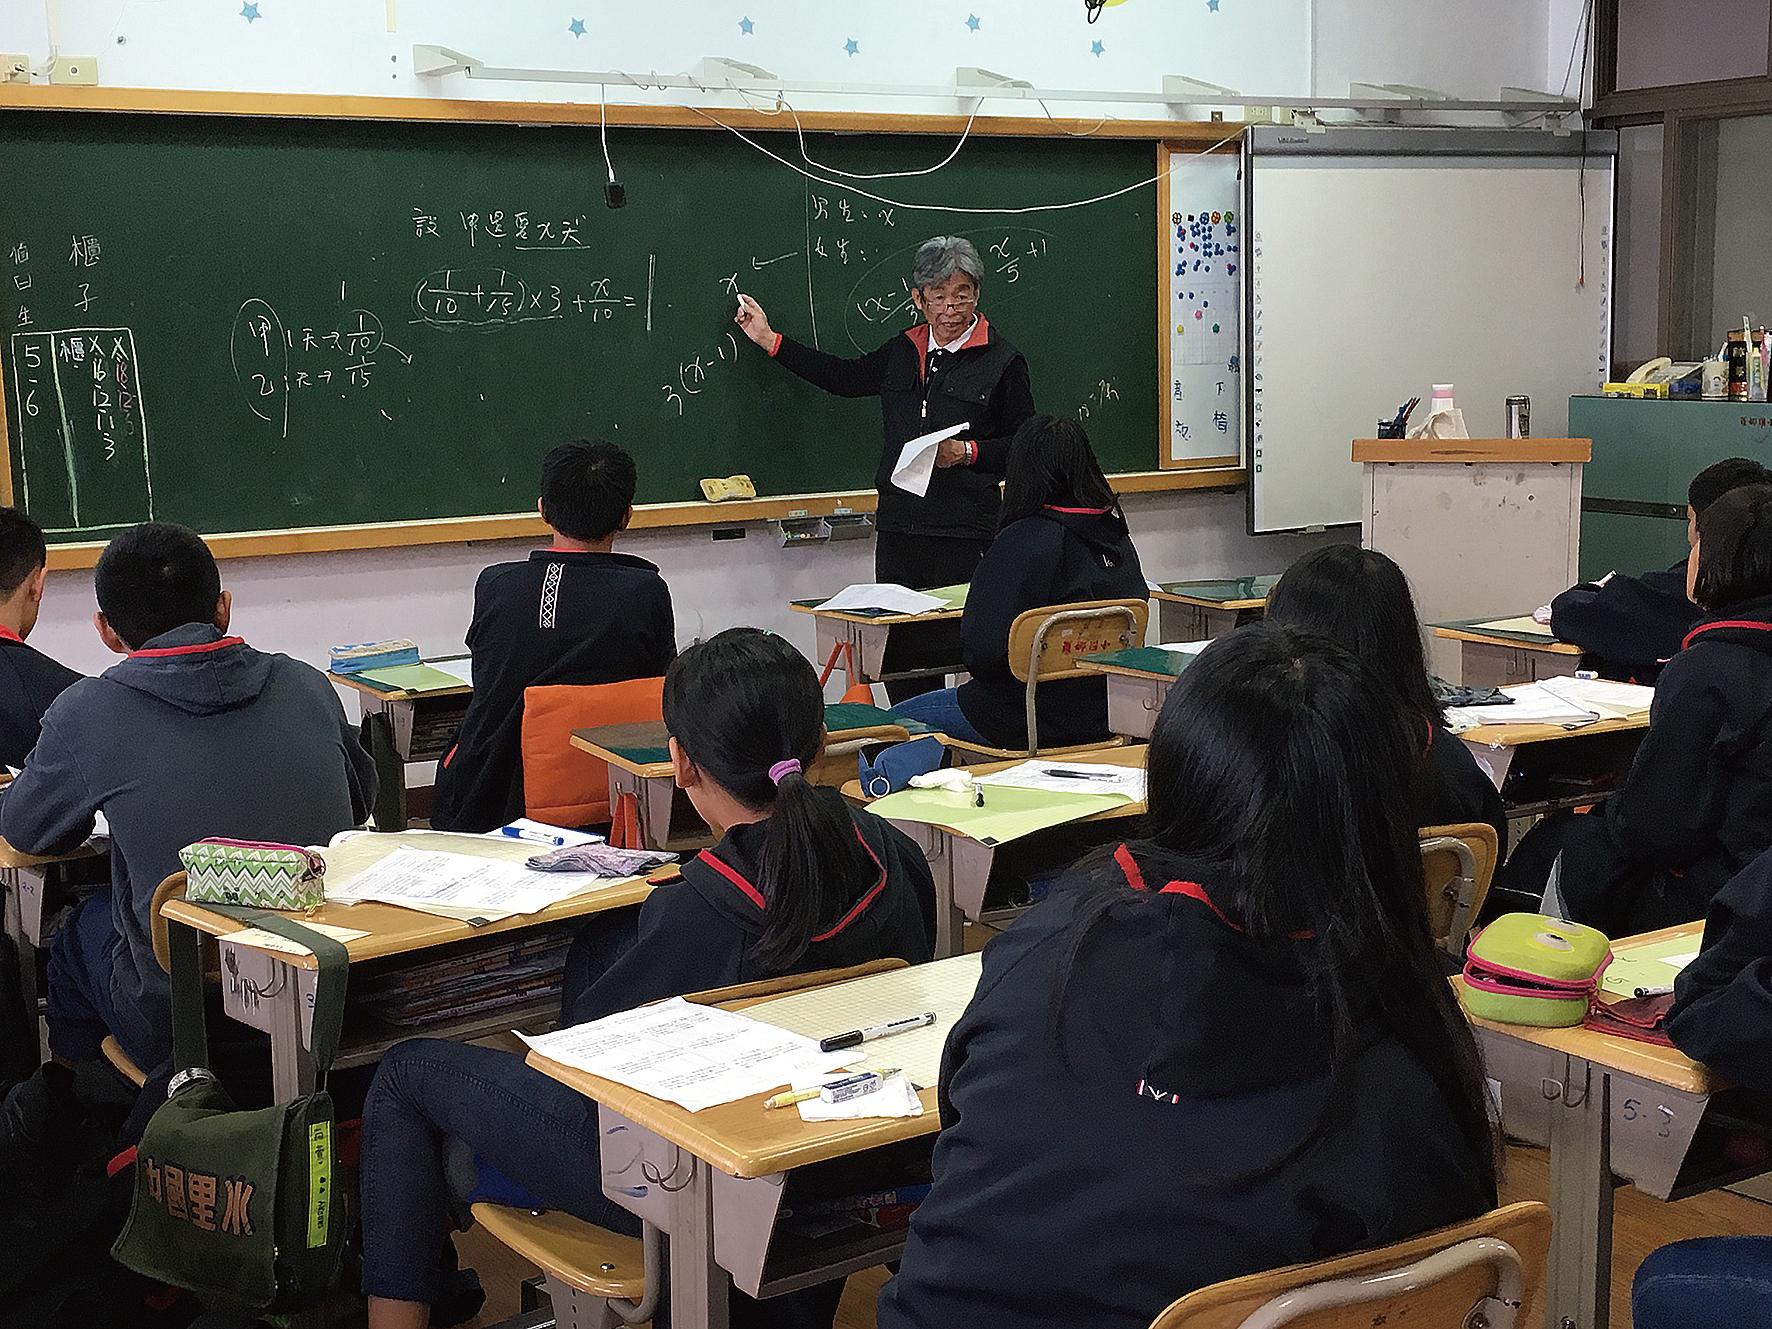 原聲開辦高中部,是一個全新的領域,全新的教學系統,也有許多新的師資投入。-01.JPG